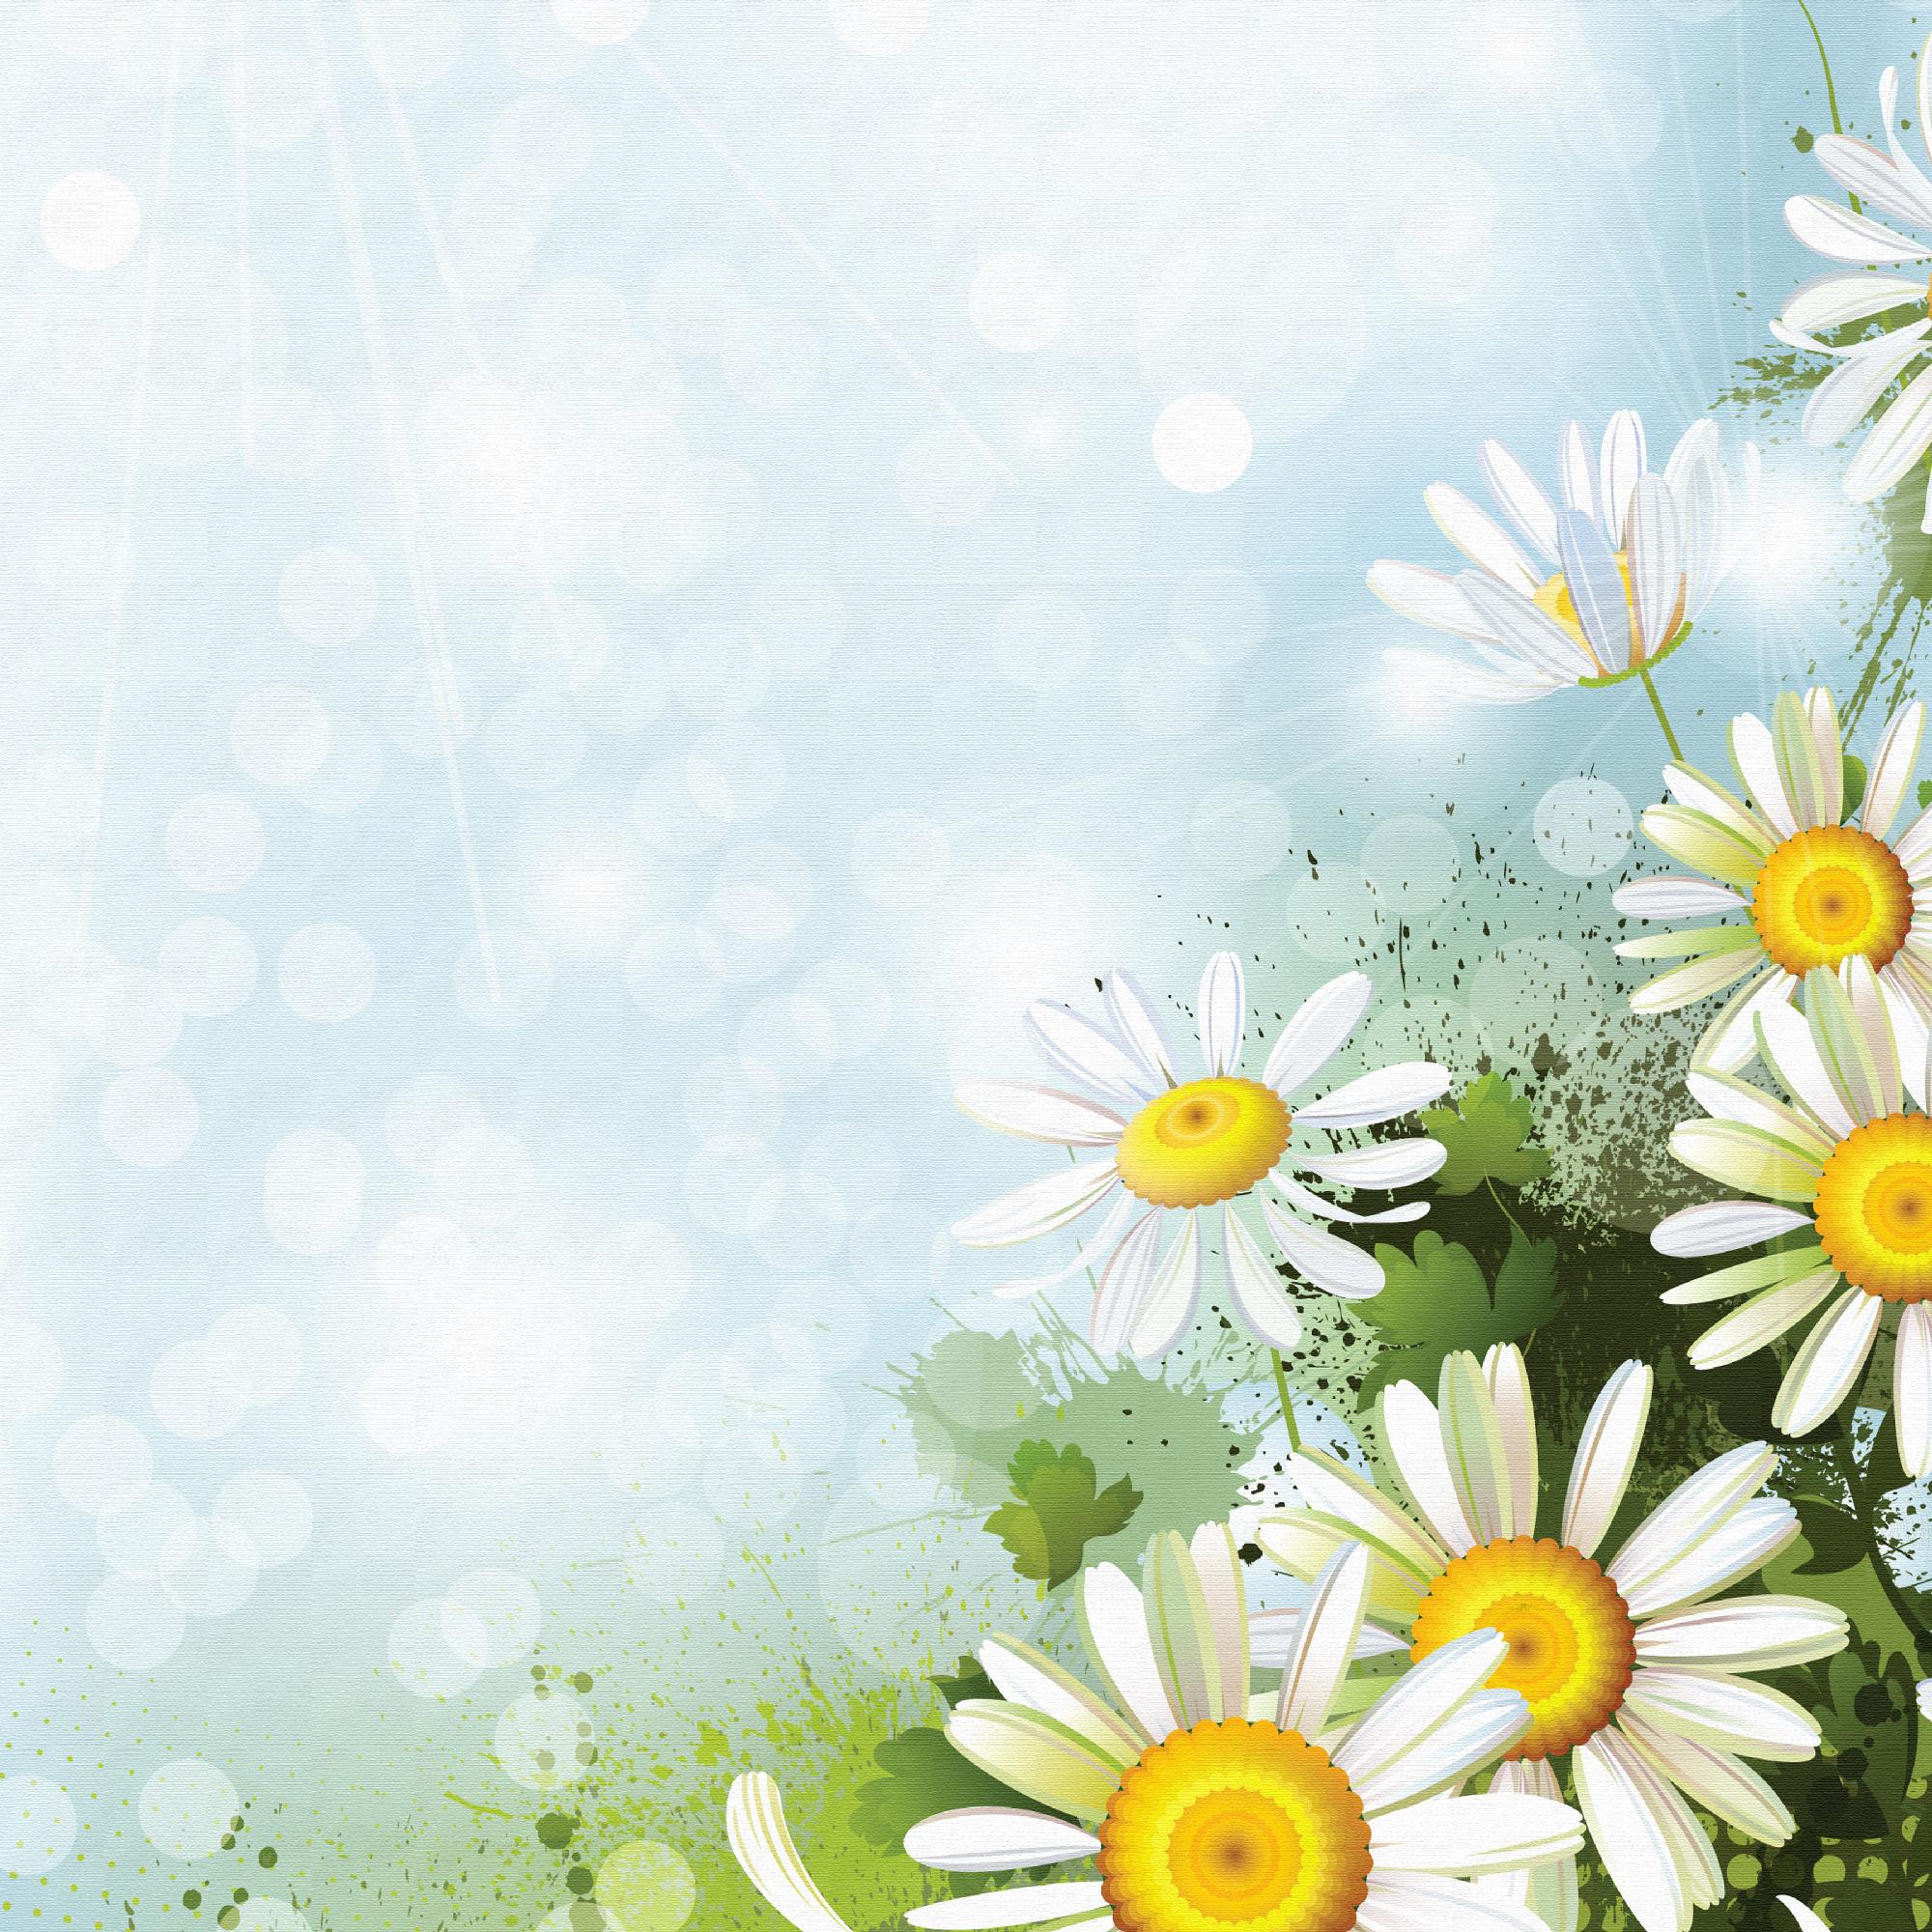 Картинки для, день семьи любви и верности картинки поздравления красивые слова